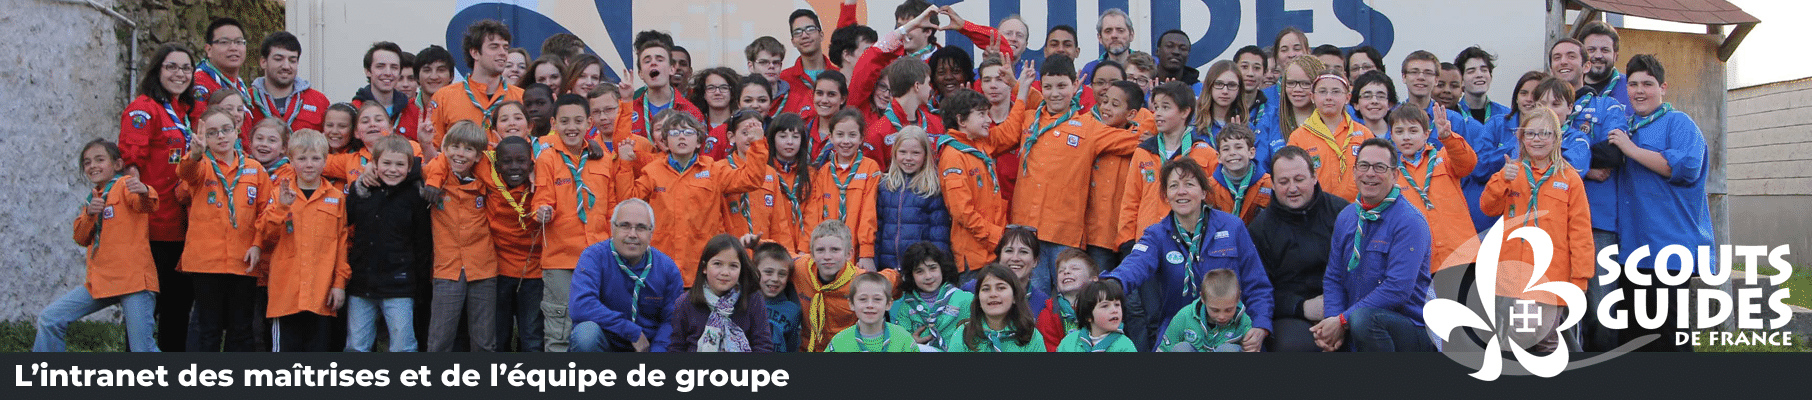 Scouts et Guides de France – Savigny sur Orge